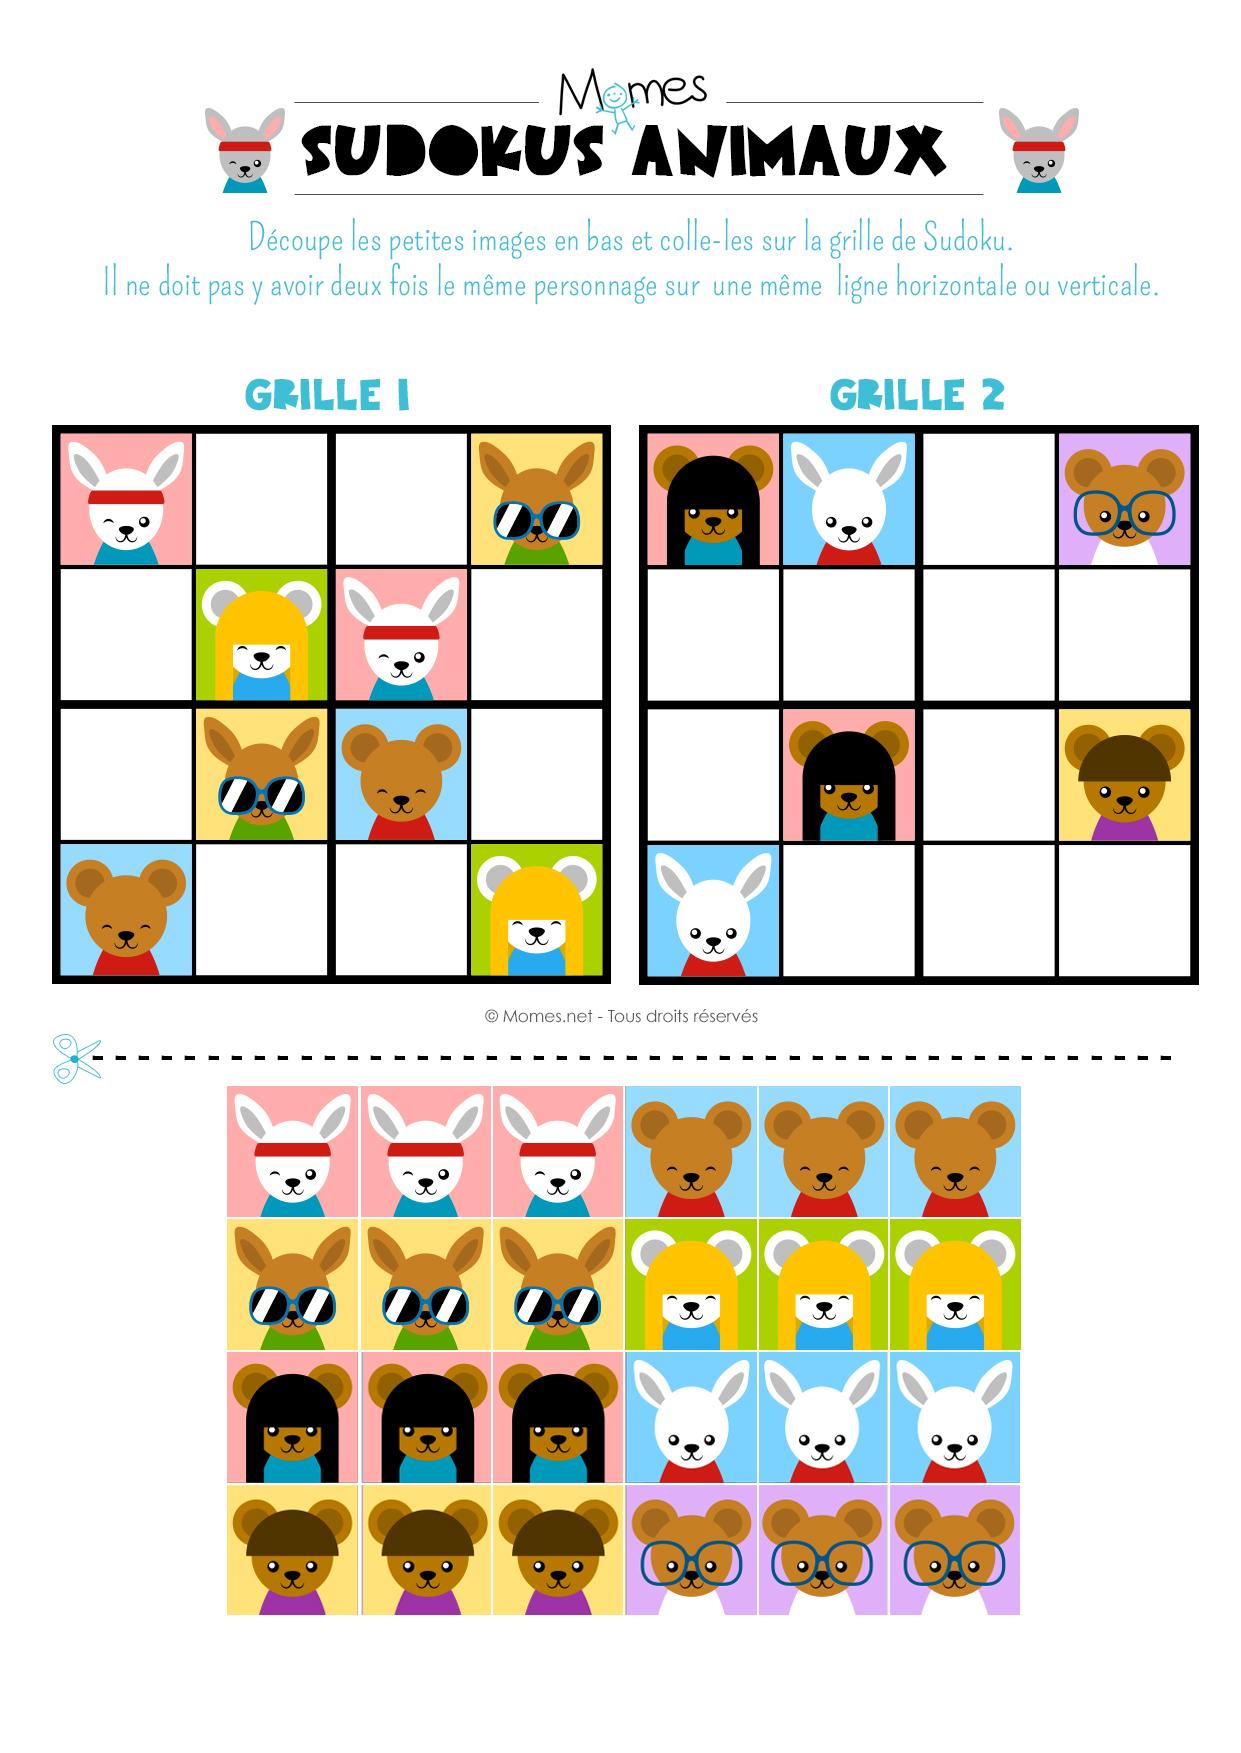 Sudoku Animaux - Momes concernant Jeux En Ligne 2 Ans